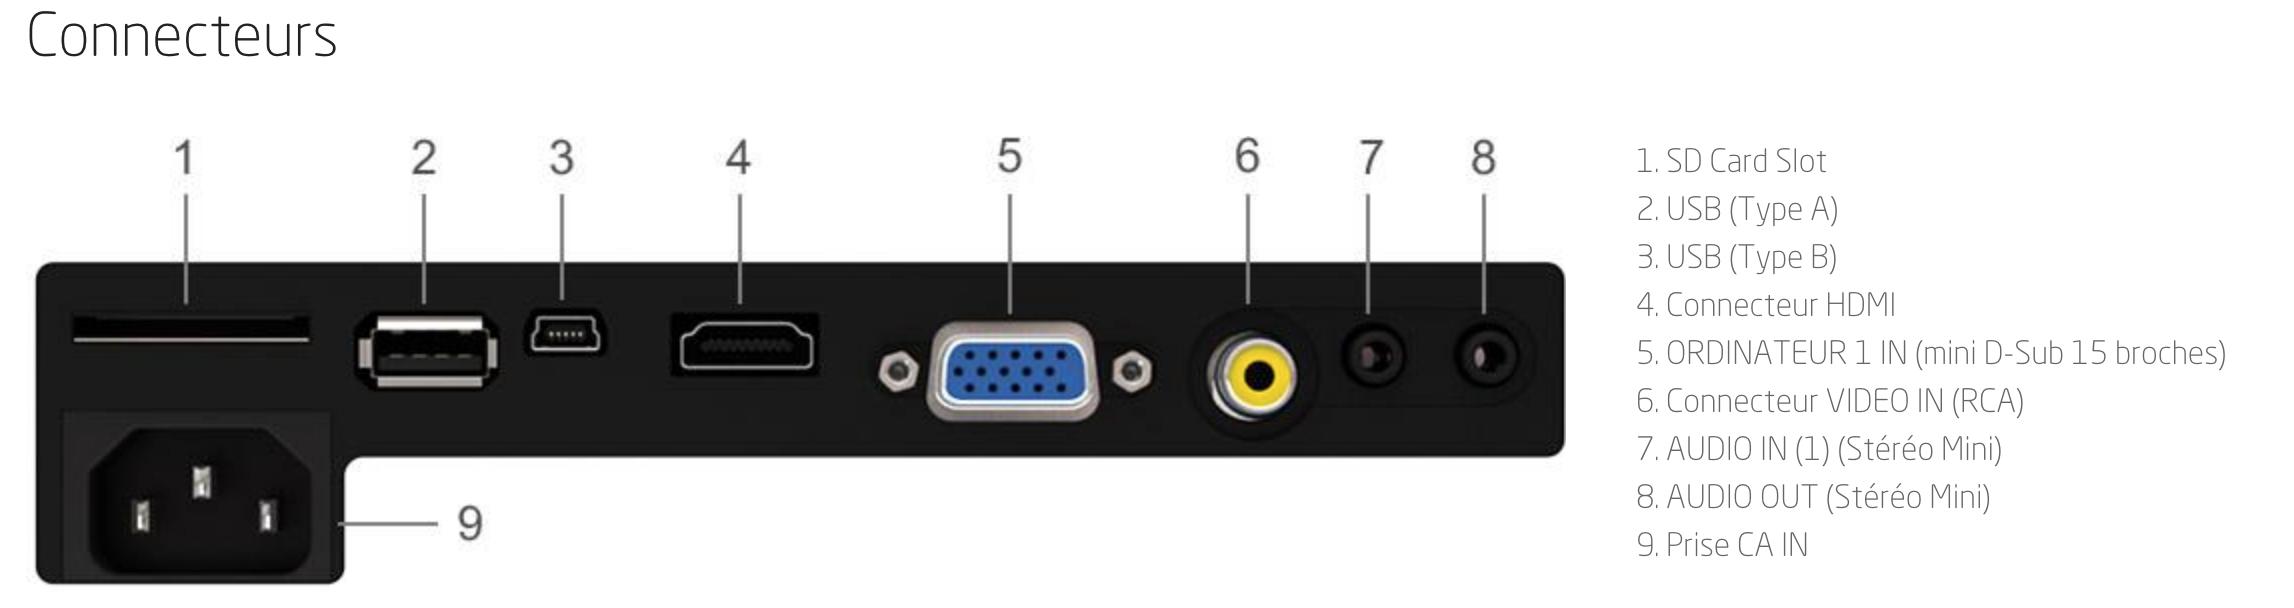 Connecteurs L102W LED